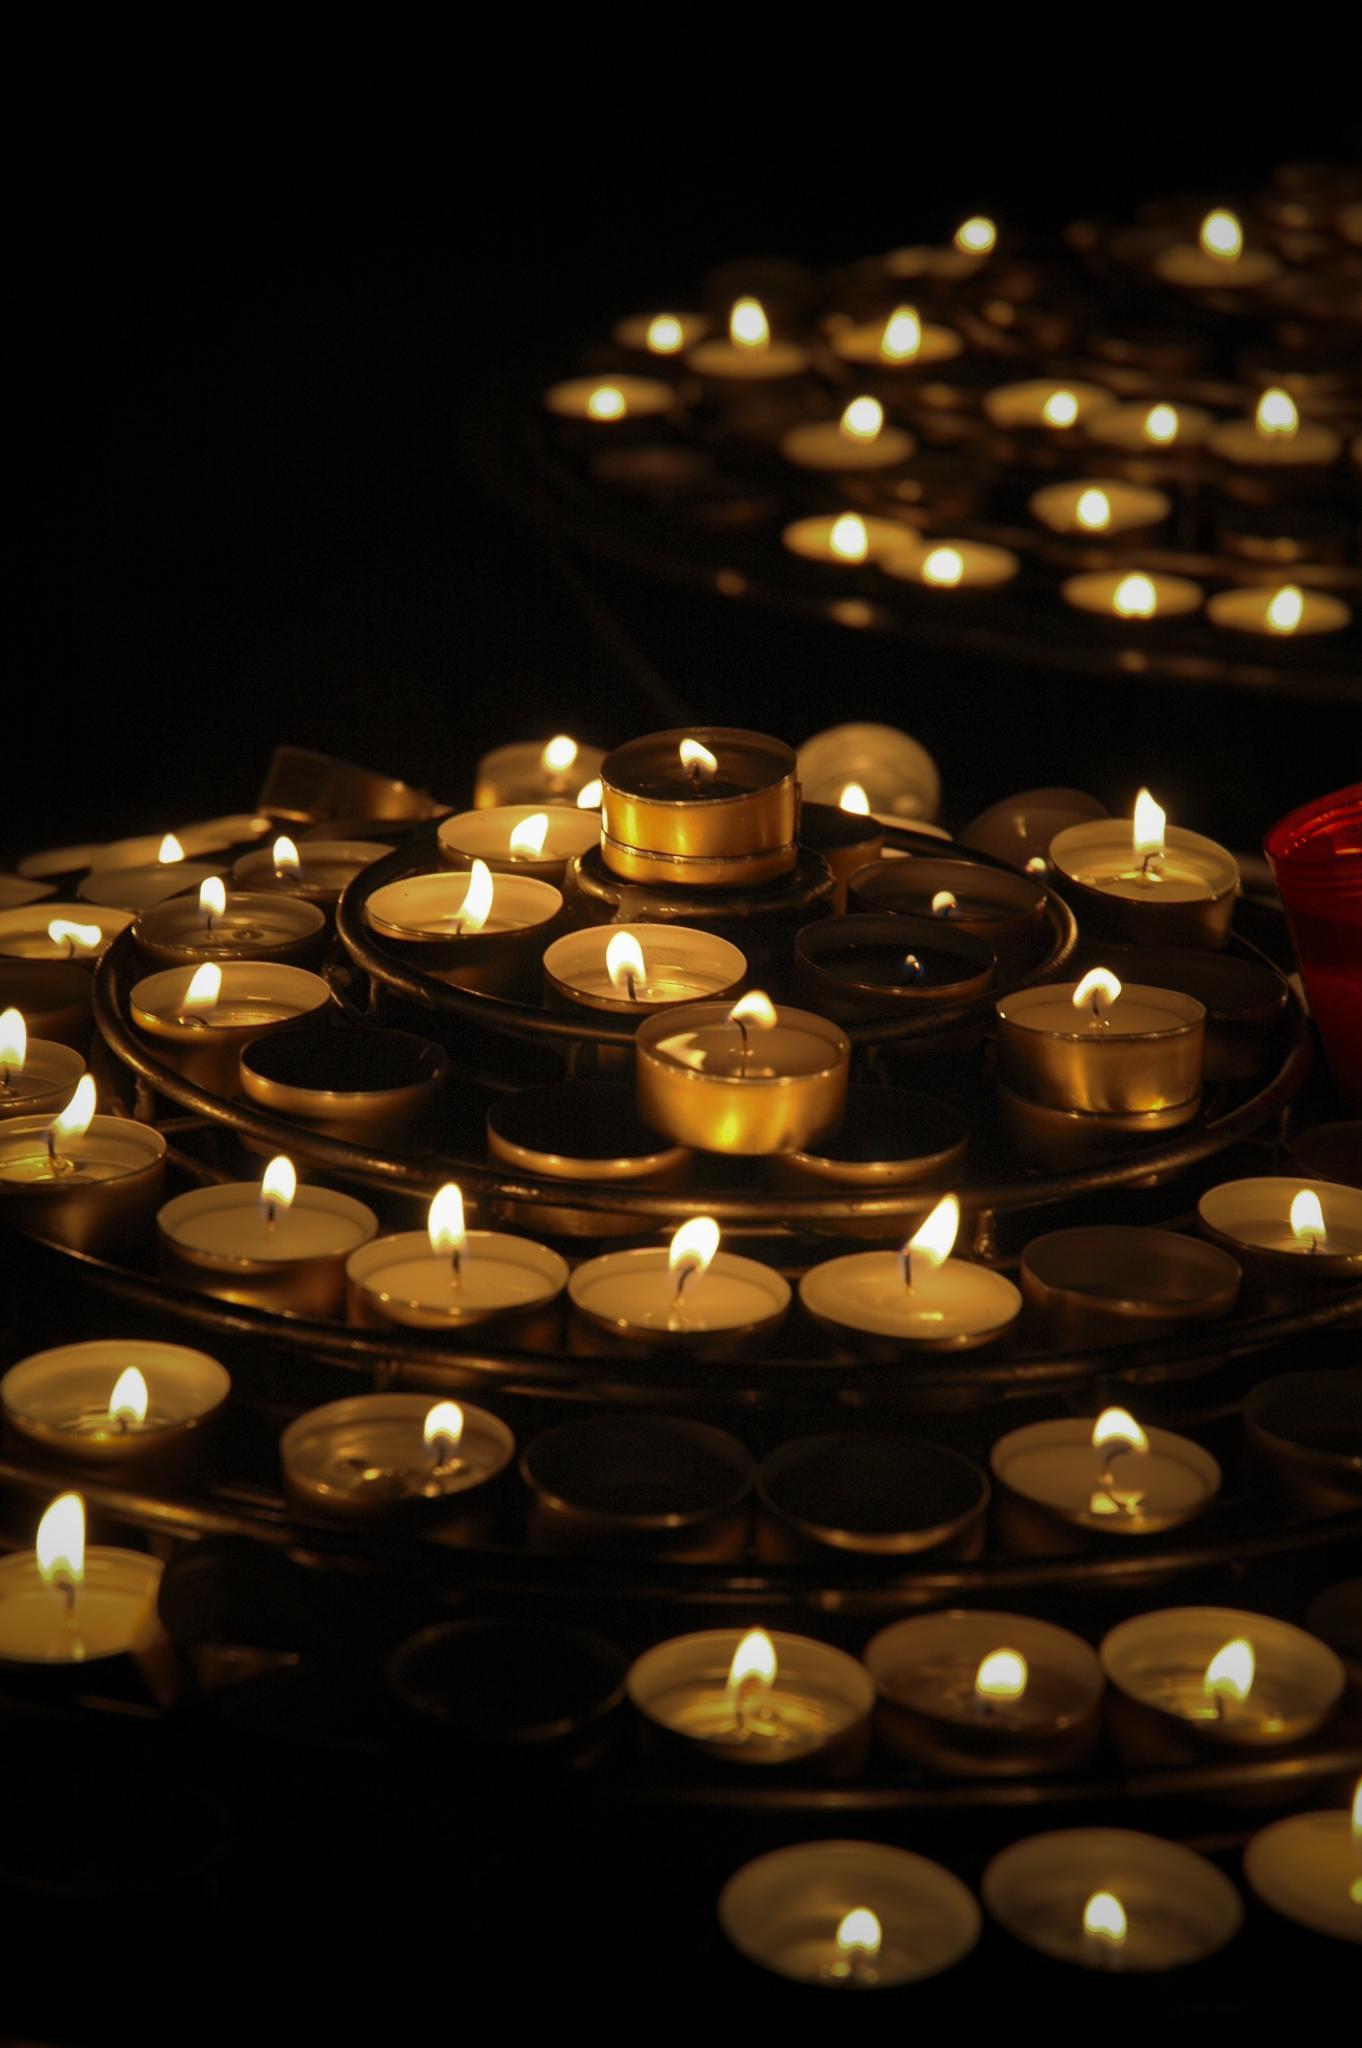 Candles  by Zhenya Rozinskiy